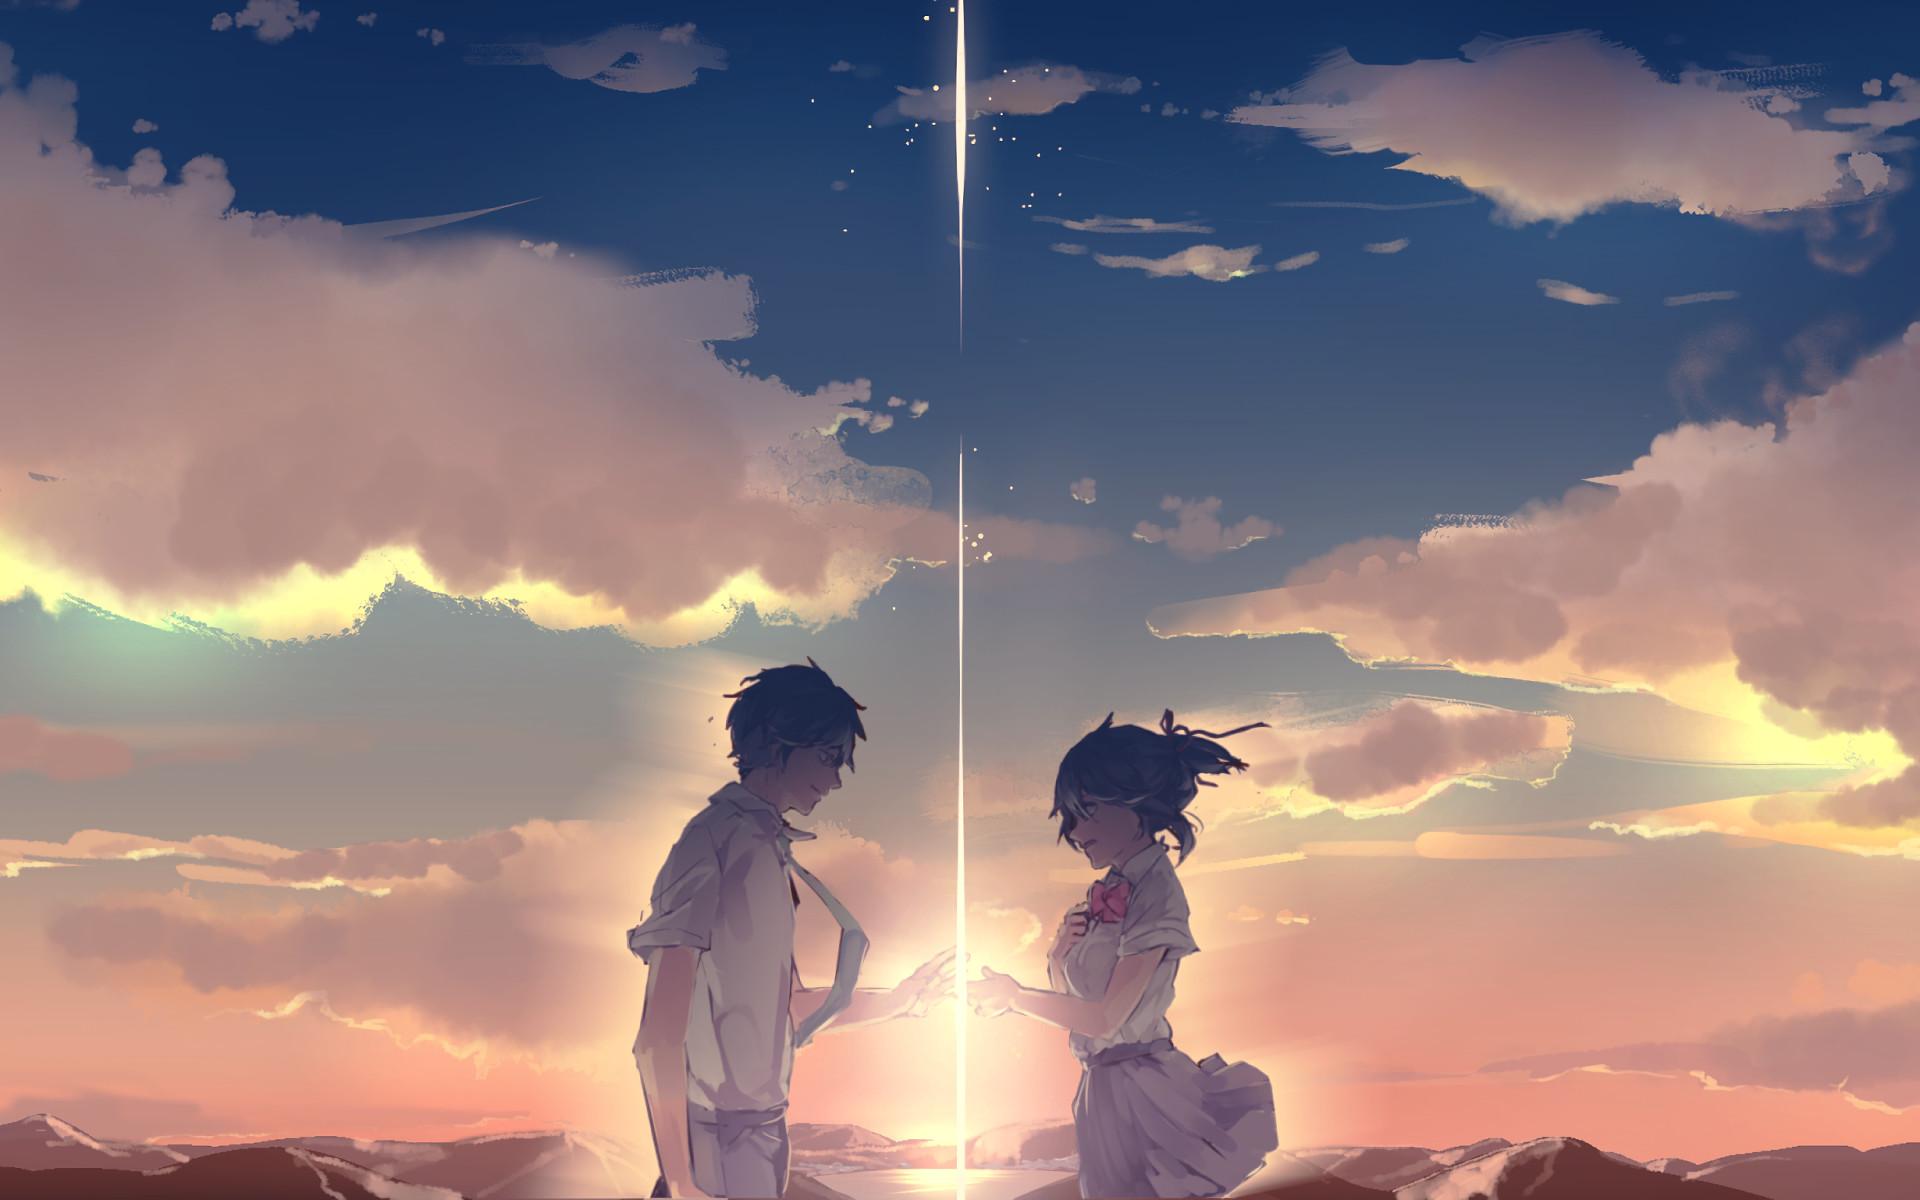 1920x1200 Anime - Your Name. Mitsuha Miyamizu Taki Tachibana Kimi No Na Wa. Wallpaper